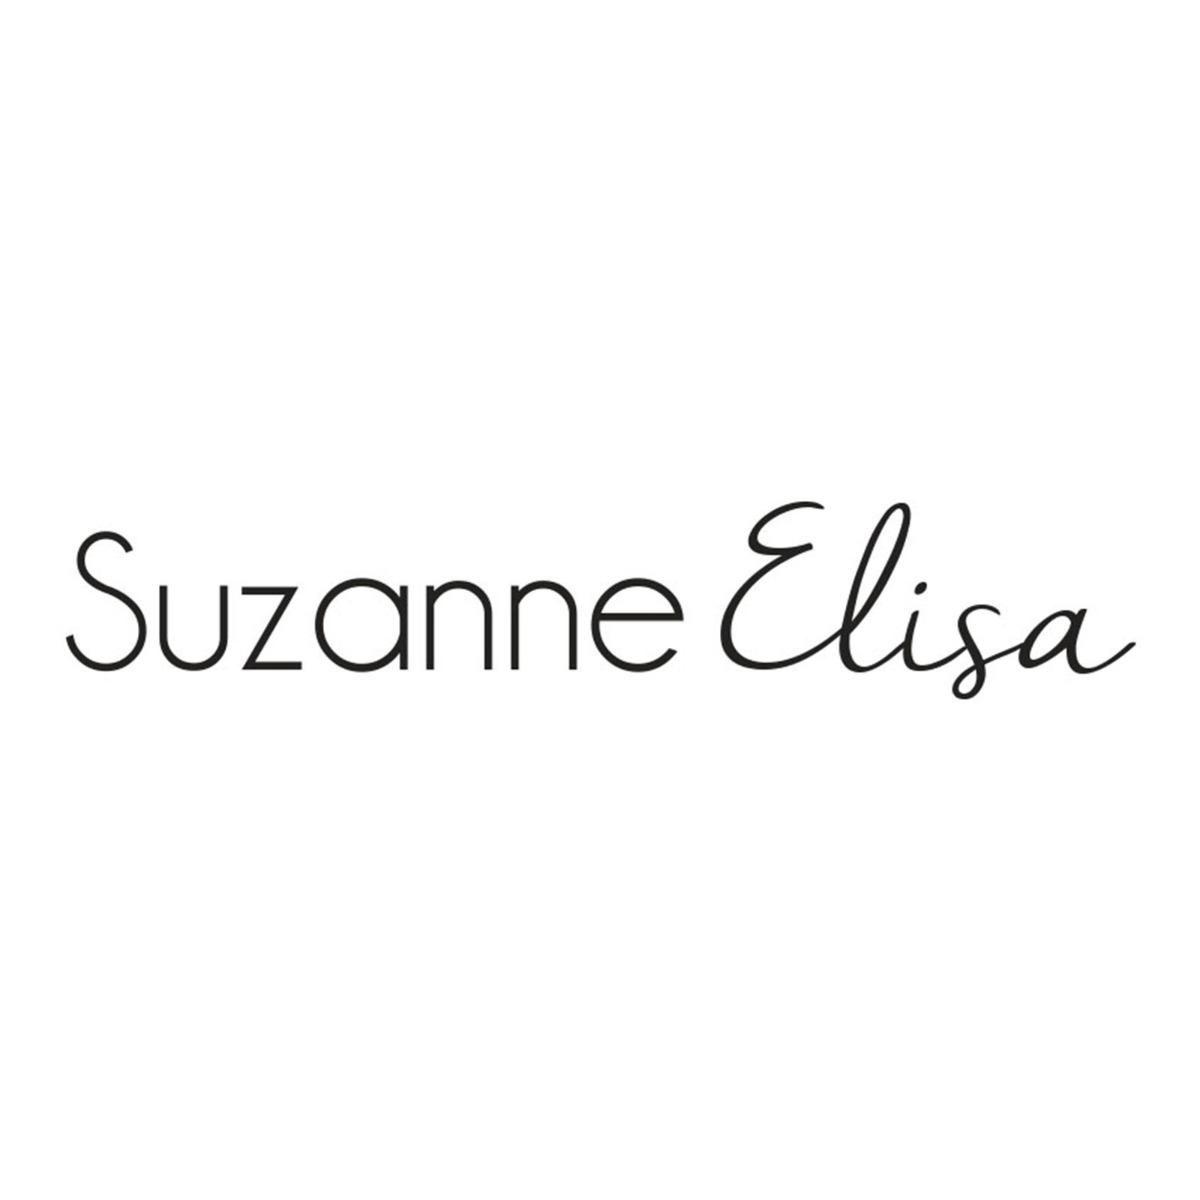 Suzanne Elisa